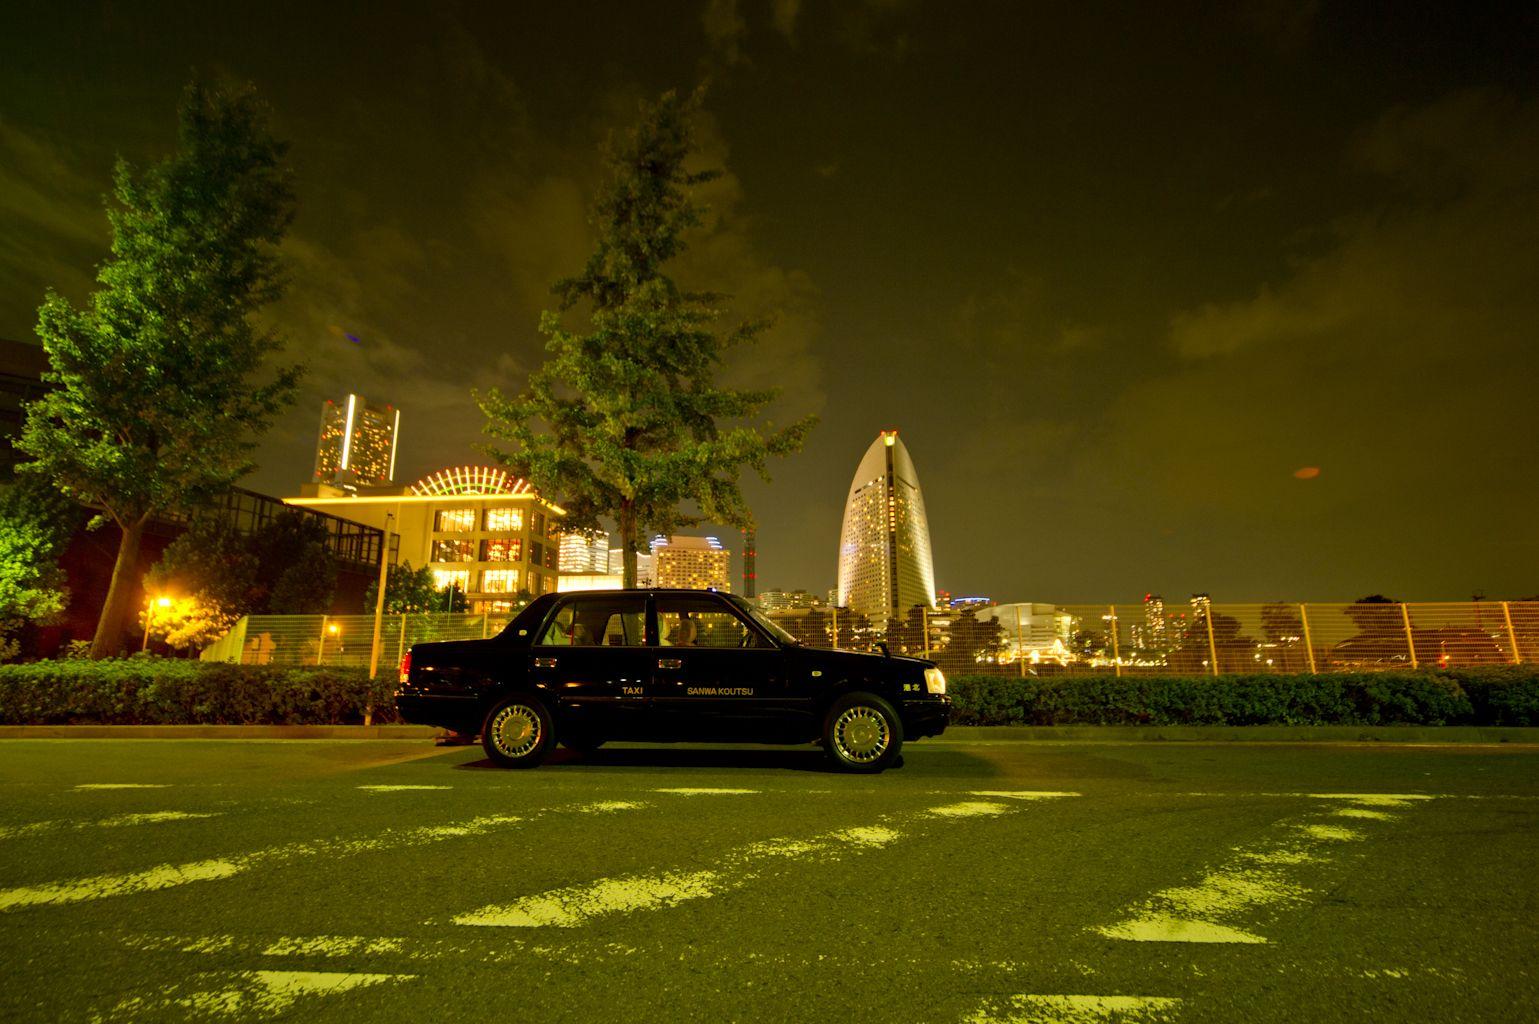 車両 横浜 夜景